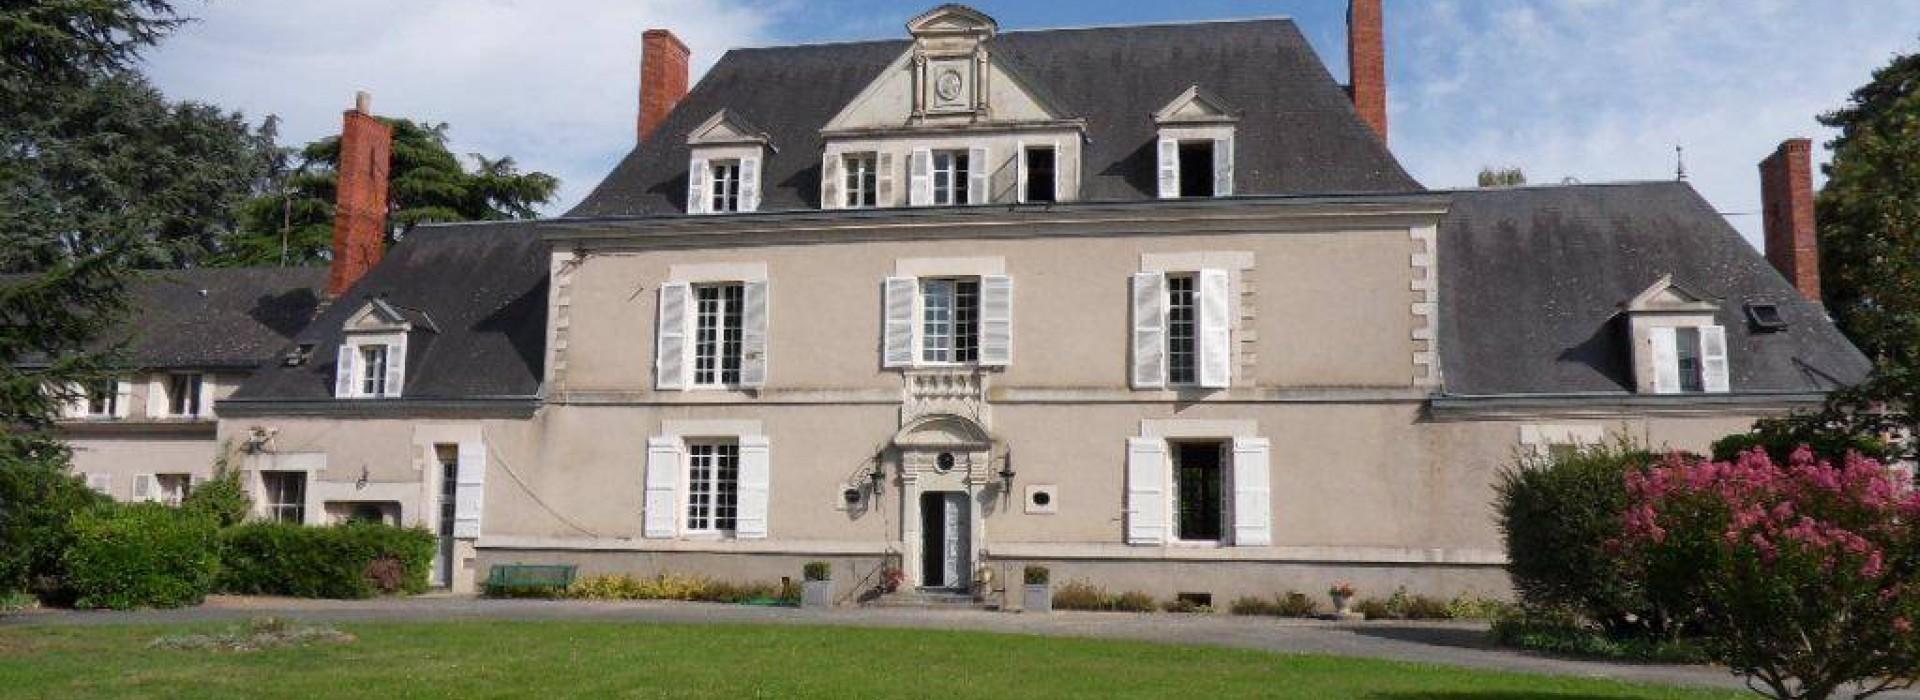 Le chateau de la roche tinard chambres d 39 h tes en pays de la loire - Chambre d hote chateau de la loire ...